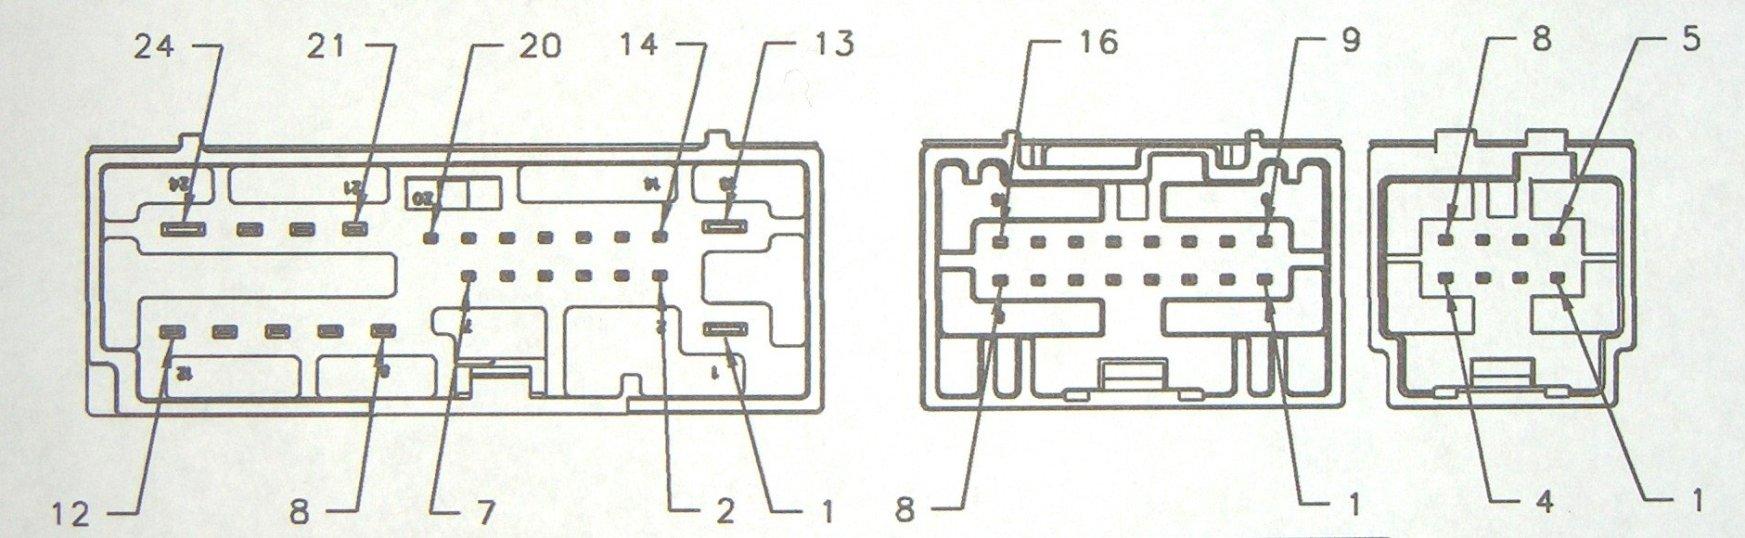 93 mustang radio wiring diagram wiring diagrams ford explorer radio wiring diagrams